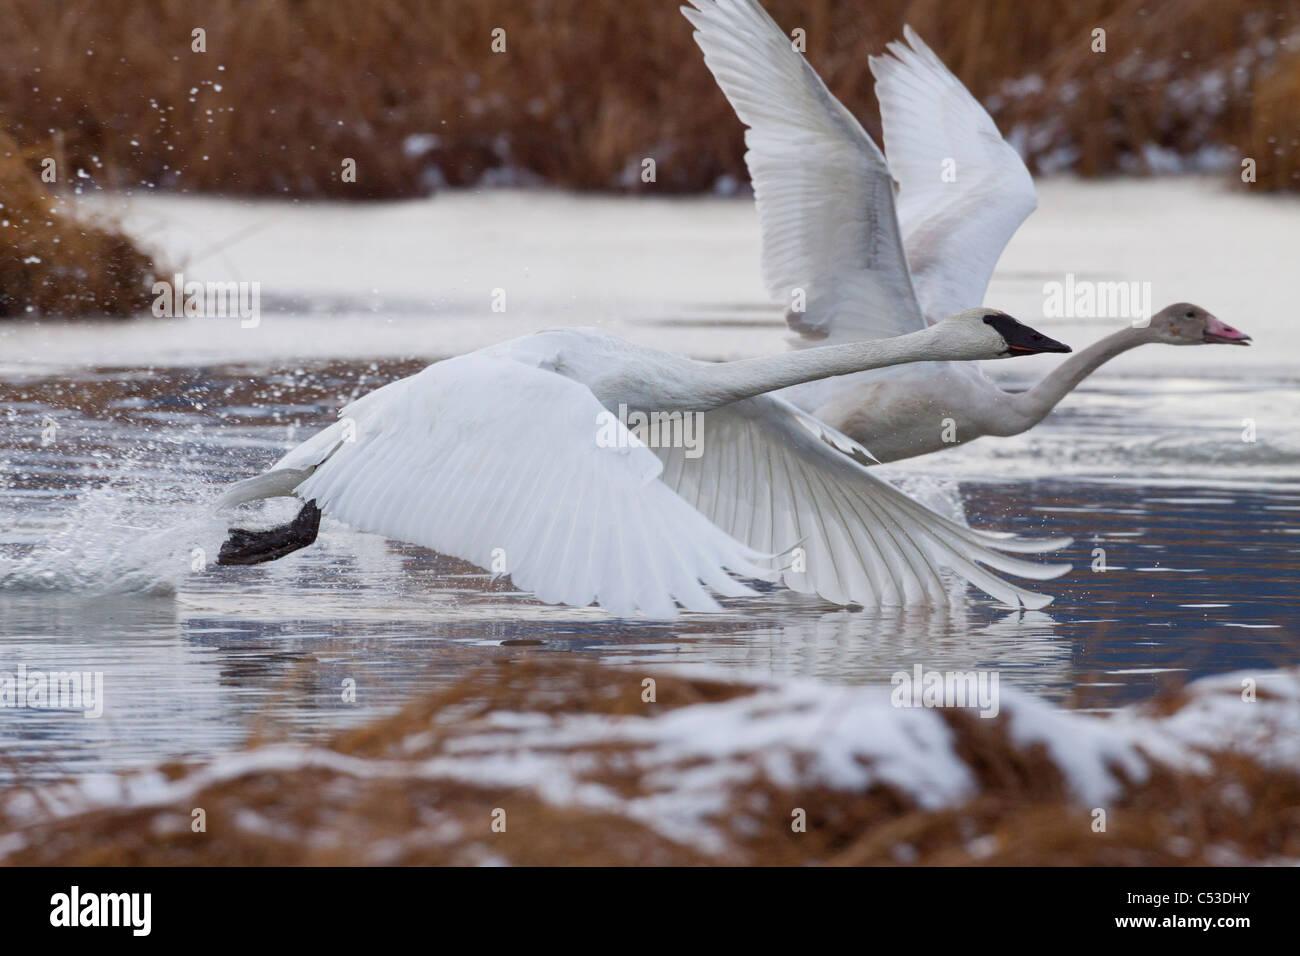 Un adulto y juvenil de Trumpeter Swan despegar desde un estanque cercano Southcentral Girdwood, Alaska, Otoño Imagen De Stock